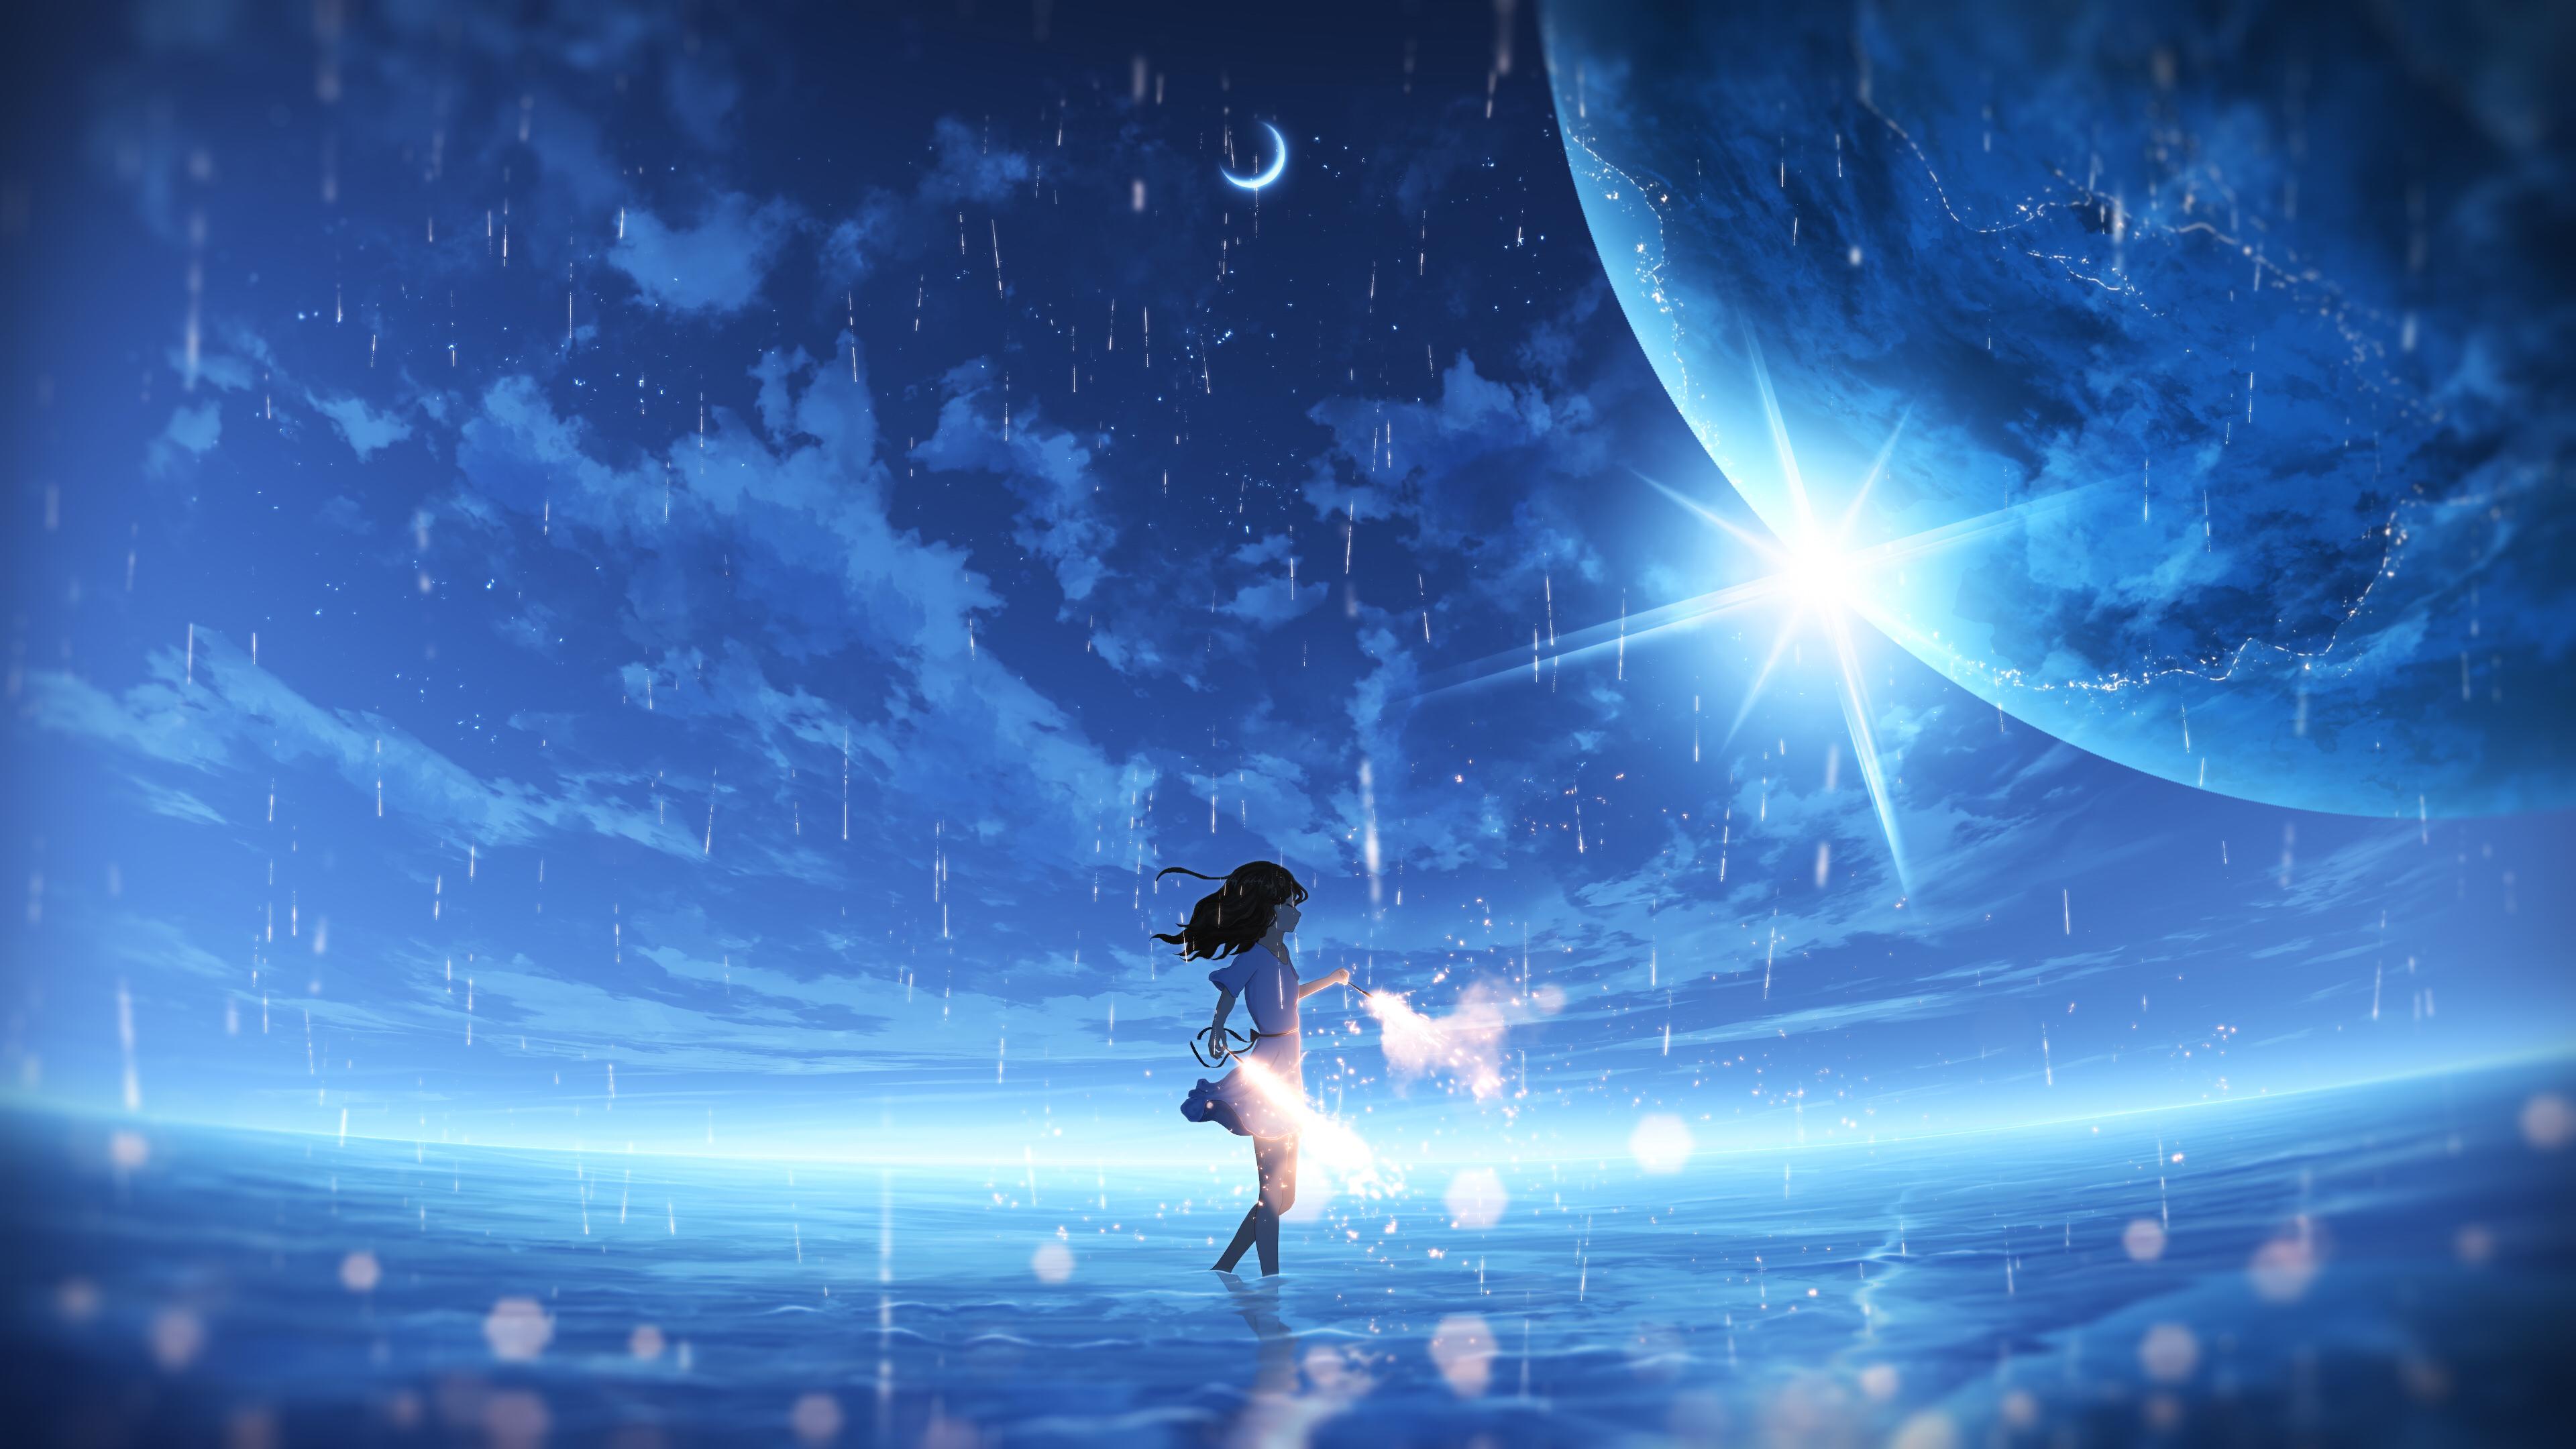 デスクトップ壁紙 アニメの女の子 女性 ファンタジーガール デジタルアート アートワーク 図 環境 コンセプトアート 風景 空 Skyscape 水 海 ファンタジーアート 惑星 青 雲 自然 屋外 花火 月 太陽 日光 ドリームスケープ 雨 反射 ウィンド